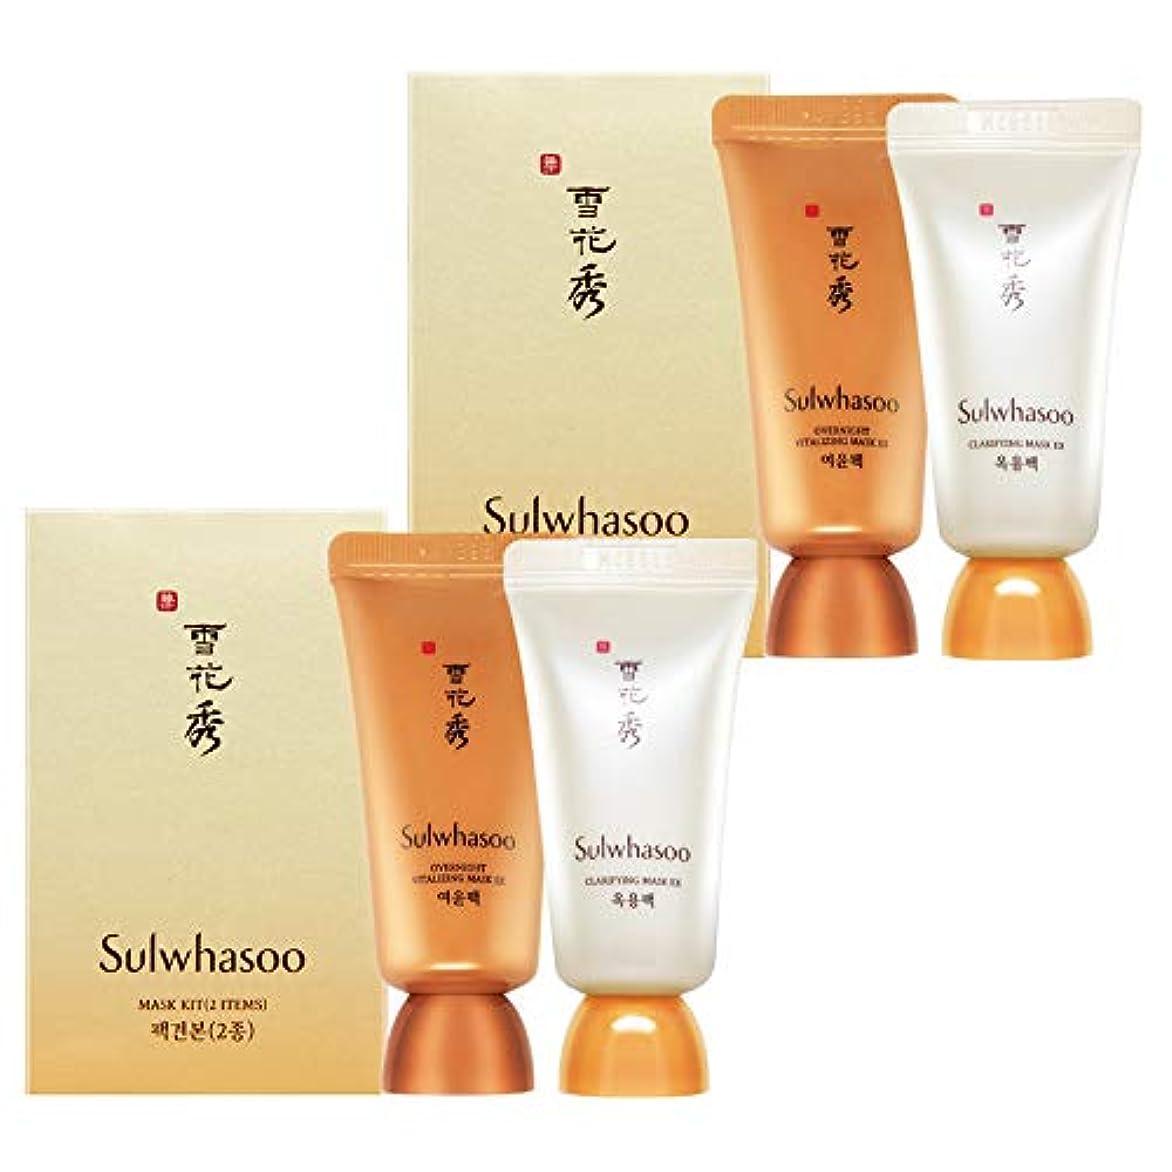 サービス苦しみ拡声器[Sulwhasoo] ソルファス オギョンパック ヨユンパック 15ml×2本×2箱(Mask Kit(2 Iteams) 1+1)